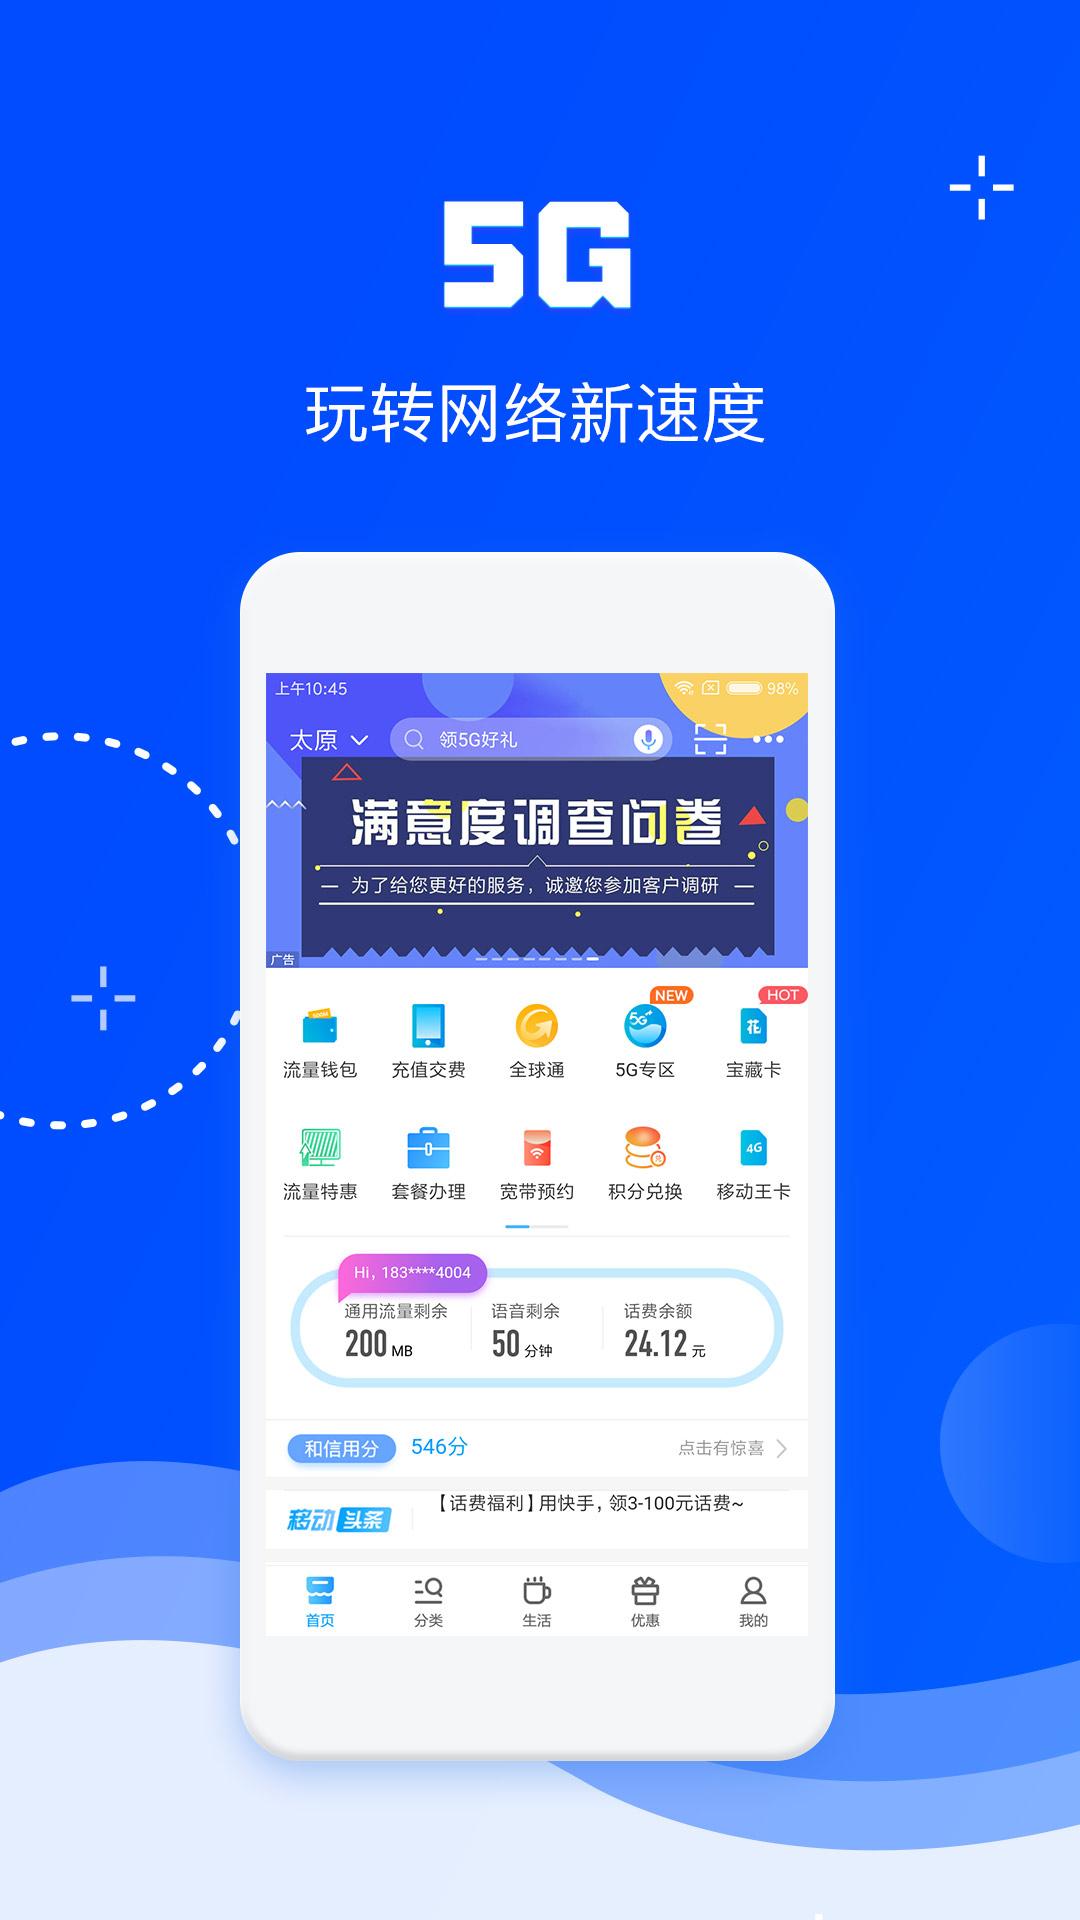 中国移动官方商城_中国移动免费下载_华为应用市场 中国移动安卓版(5.8.0)下载